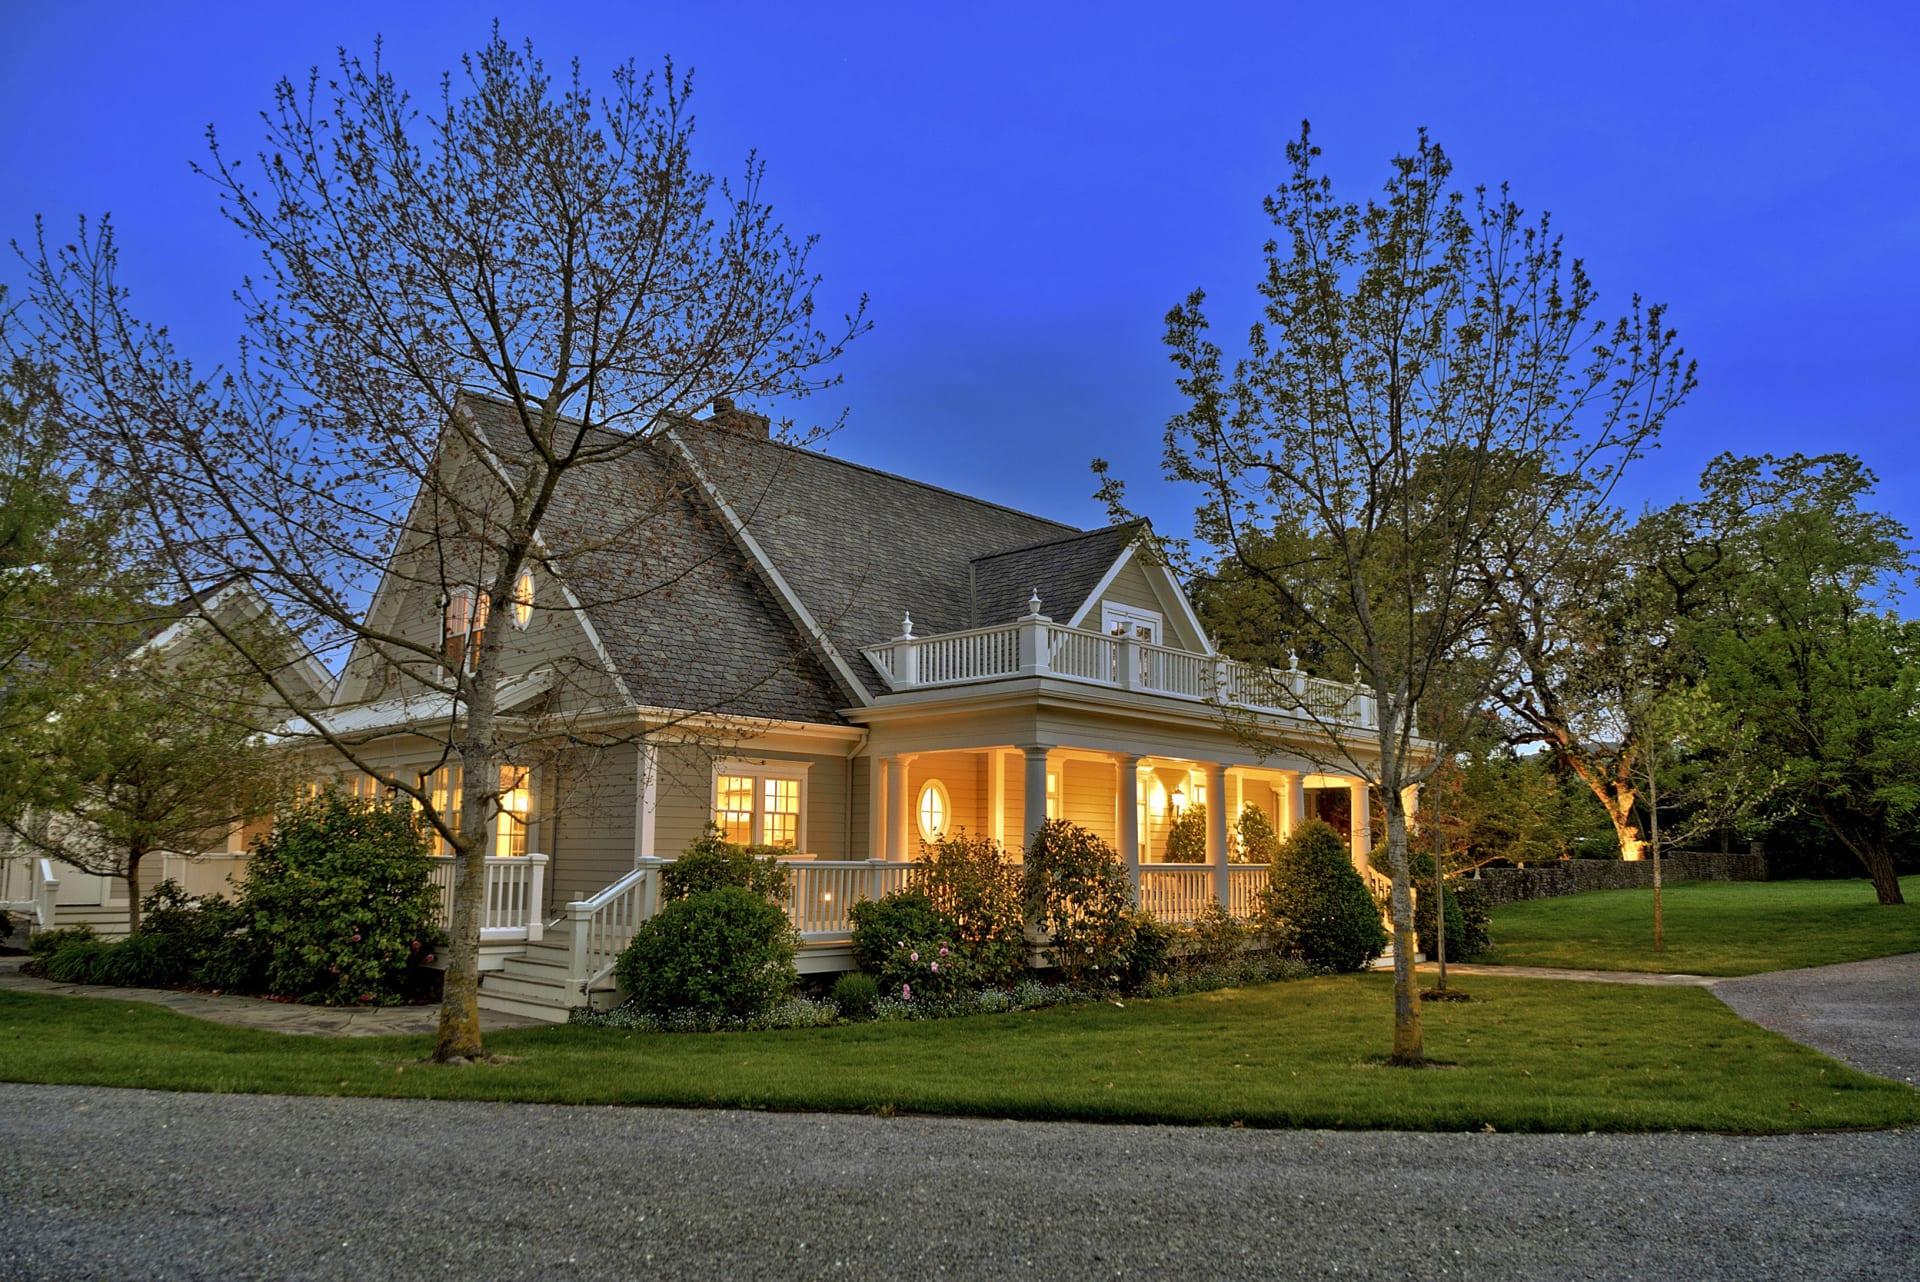 Sold | Classic Sonoma Estate